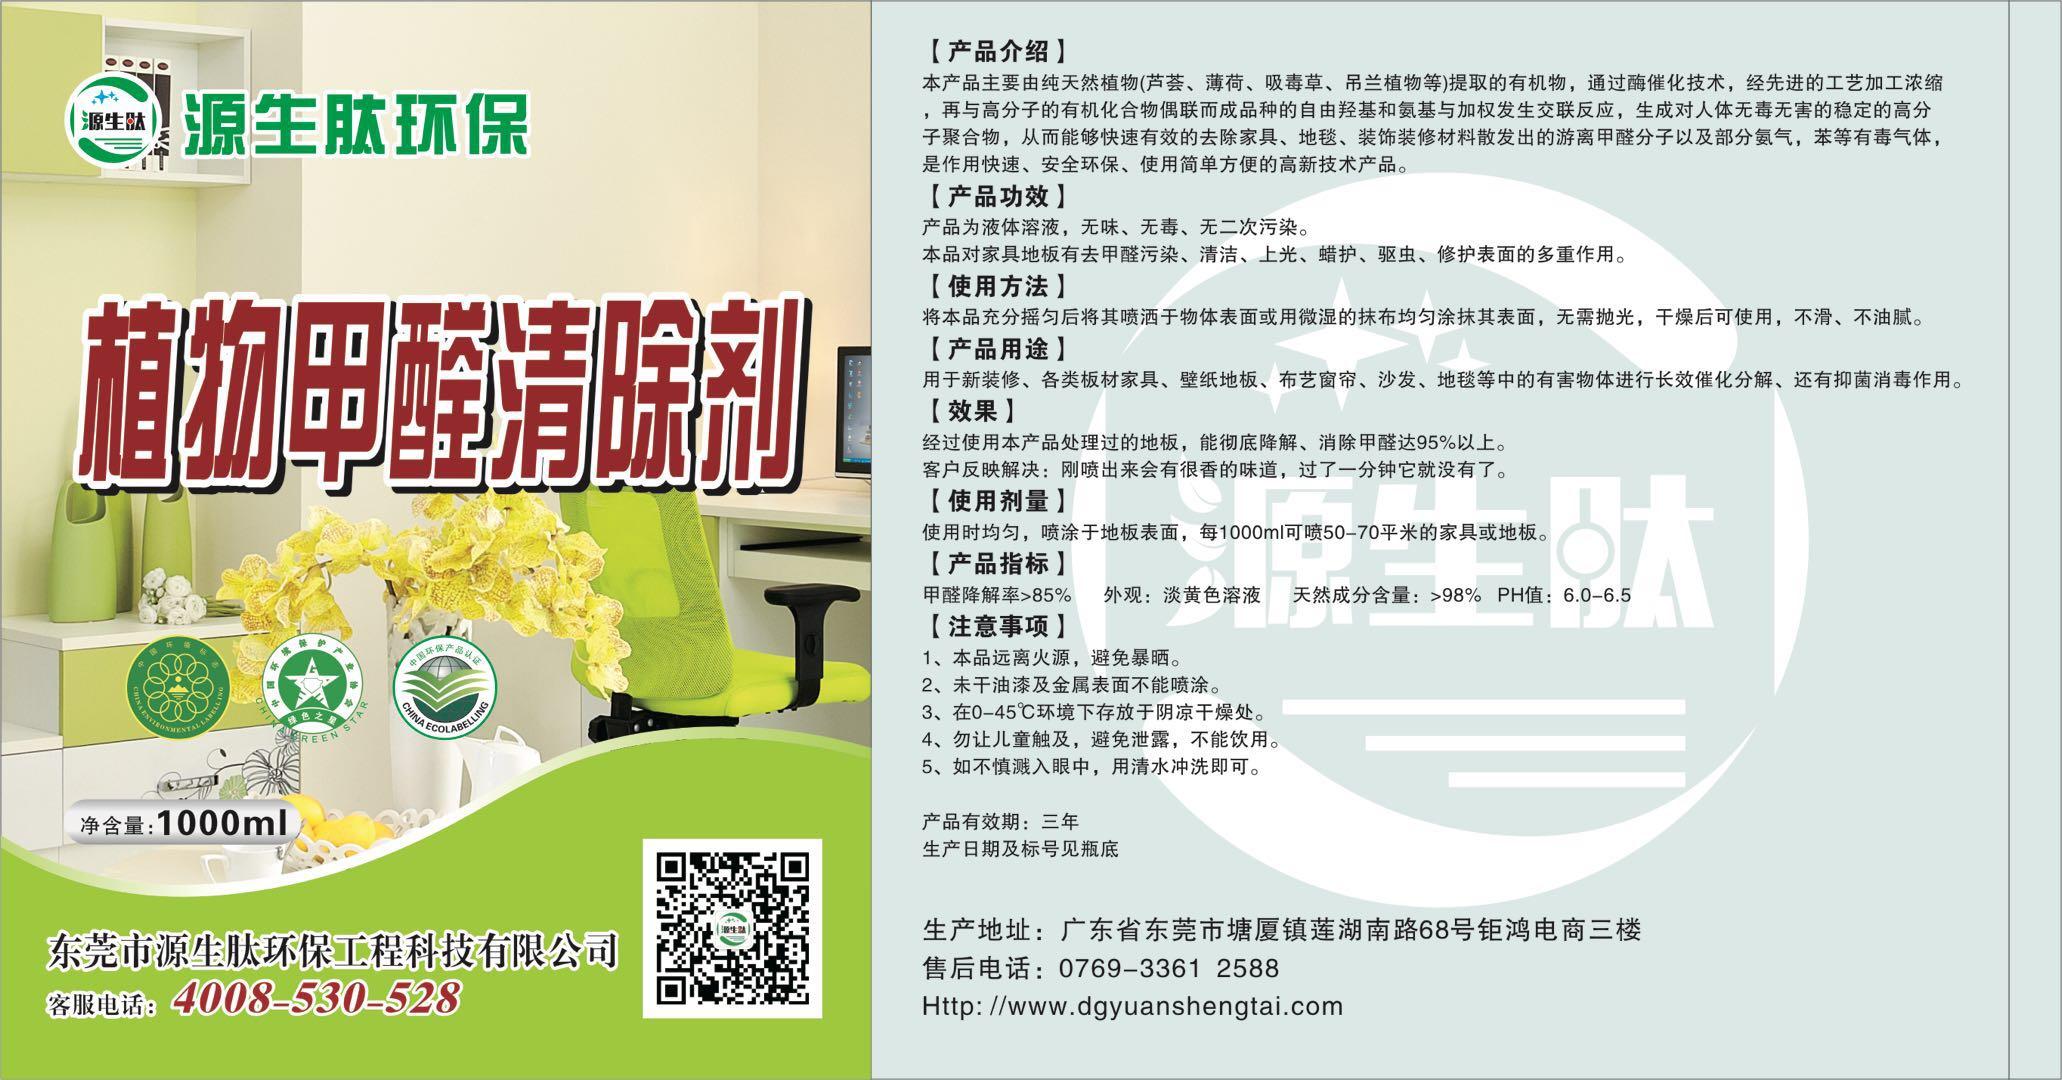 源生肽环保工程科技有限公司加盟